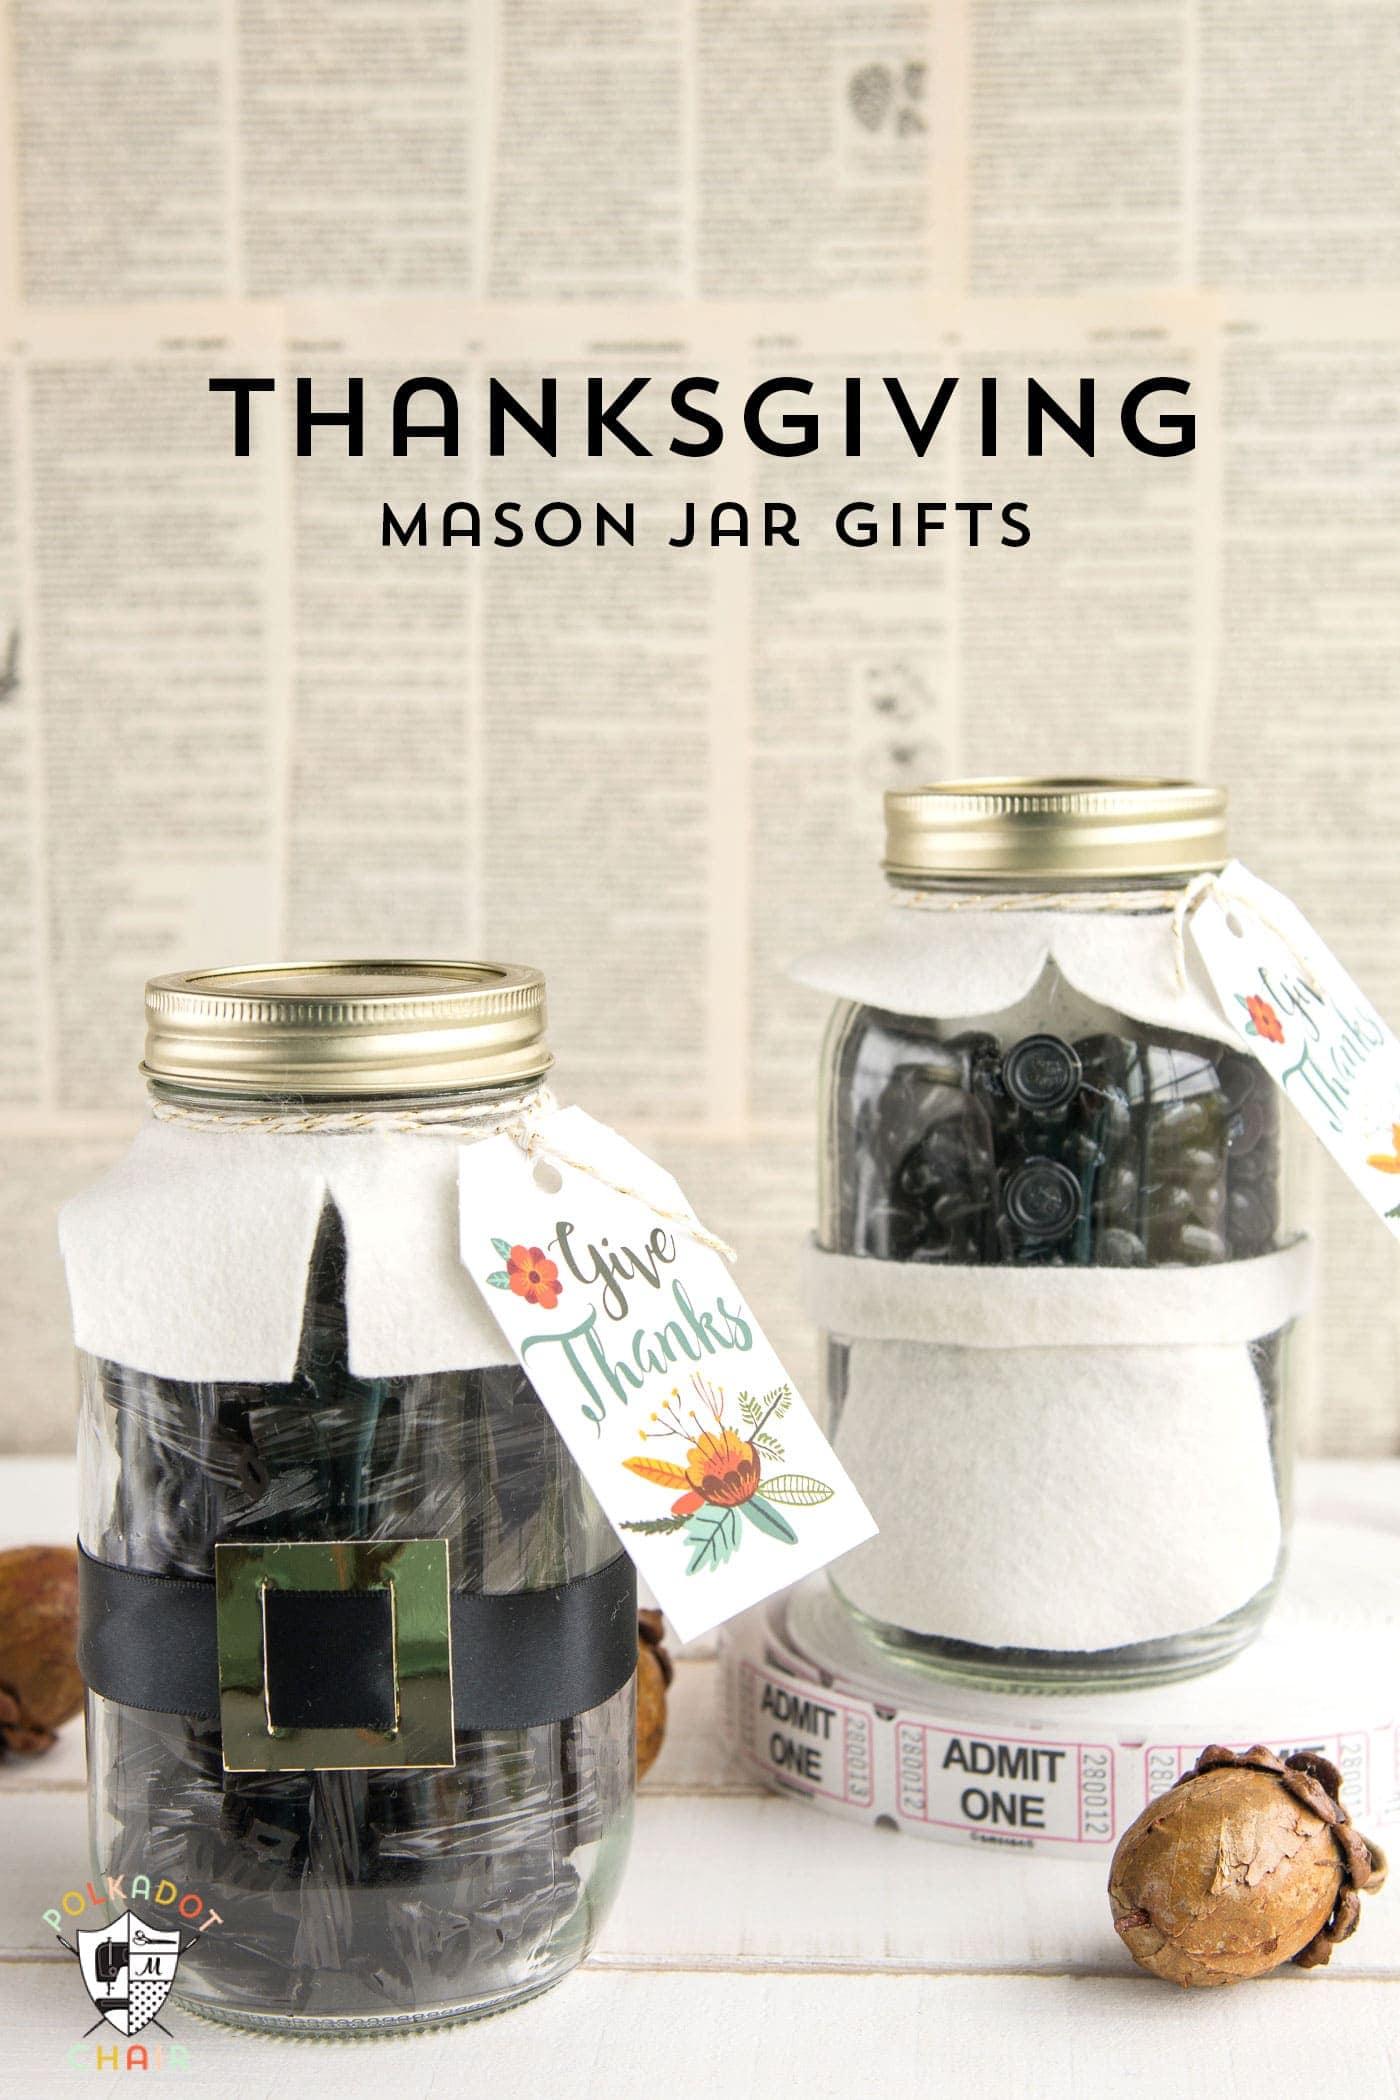 Cute Thanksgiving Pilgrim Mason Jar Gift Idea, would be cute for a hostess or teacher gift.